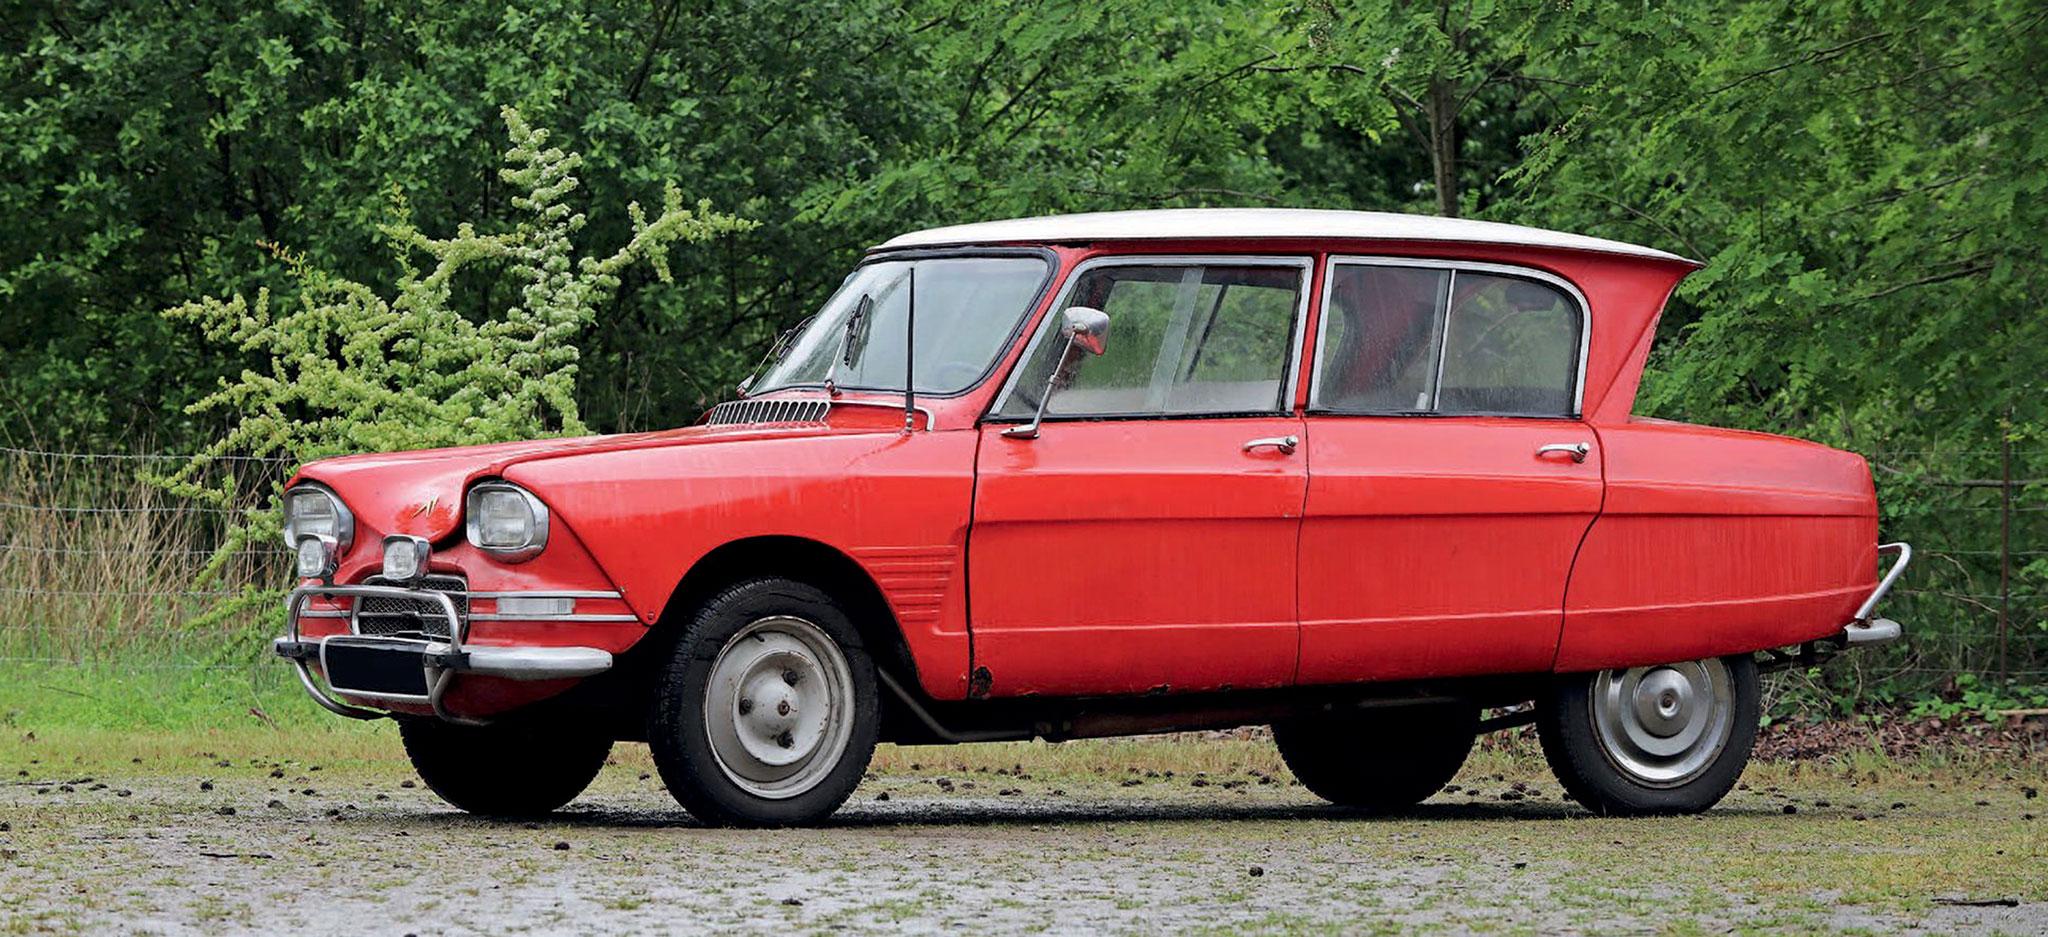 1963 Citroën Ami 6 Berline €1000 - 2000 - Populaires Françaises.